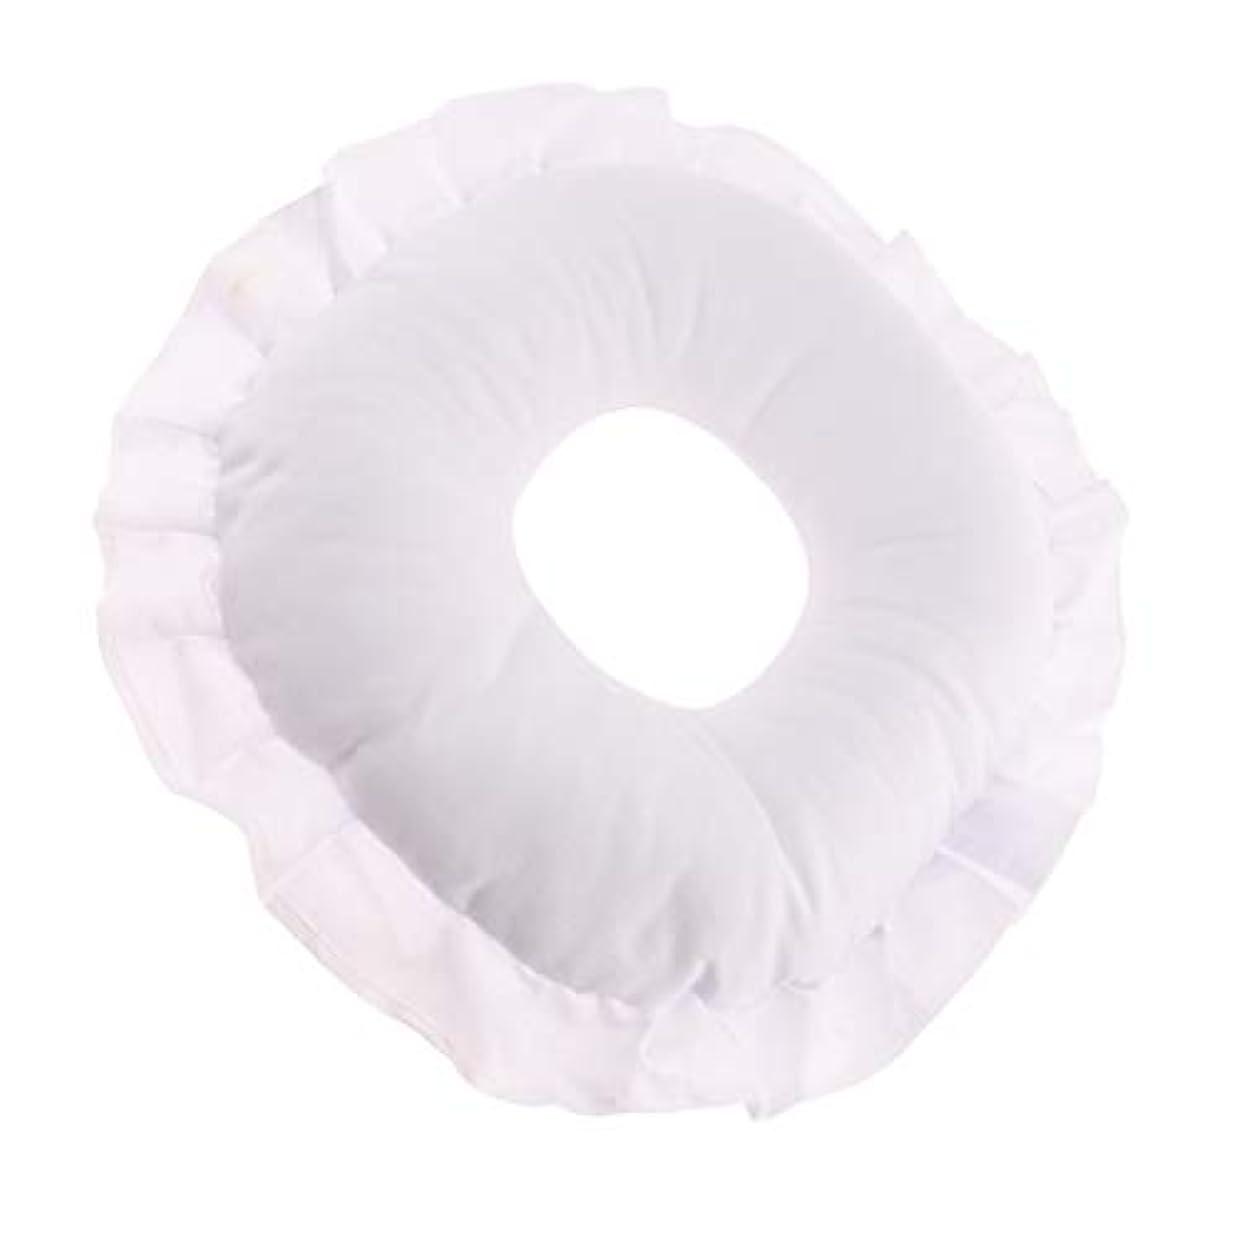 羽目立つチェスCUTICATE 全3色 フェイスピロー 顔枕 マッサージ枕 マッサージテーブルピロー 柔軟 洗えるカバー リラックス - 白